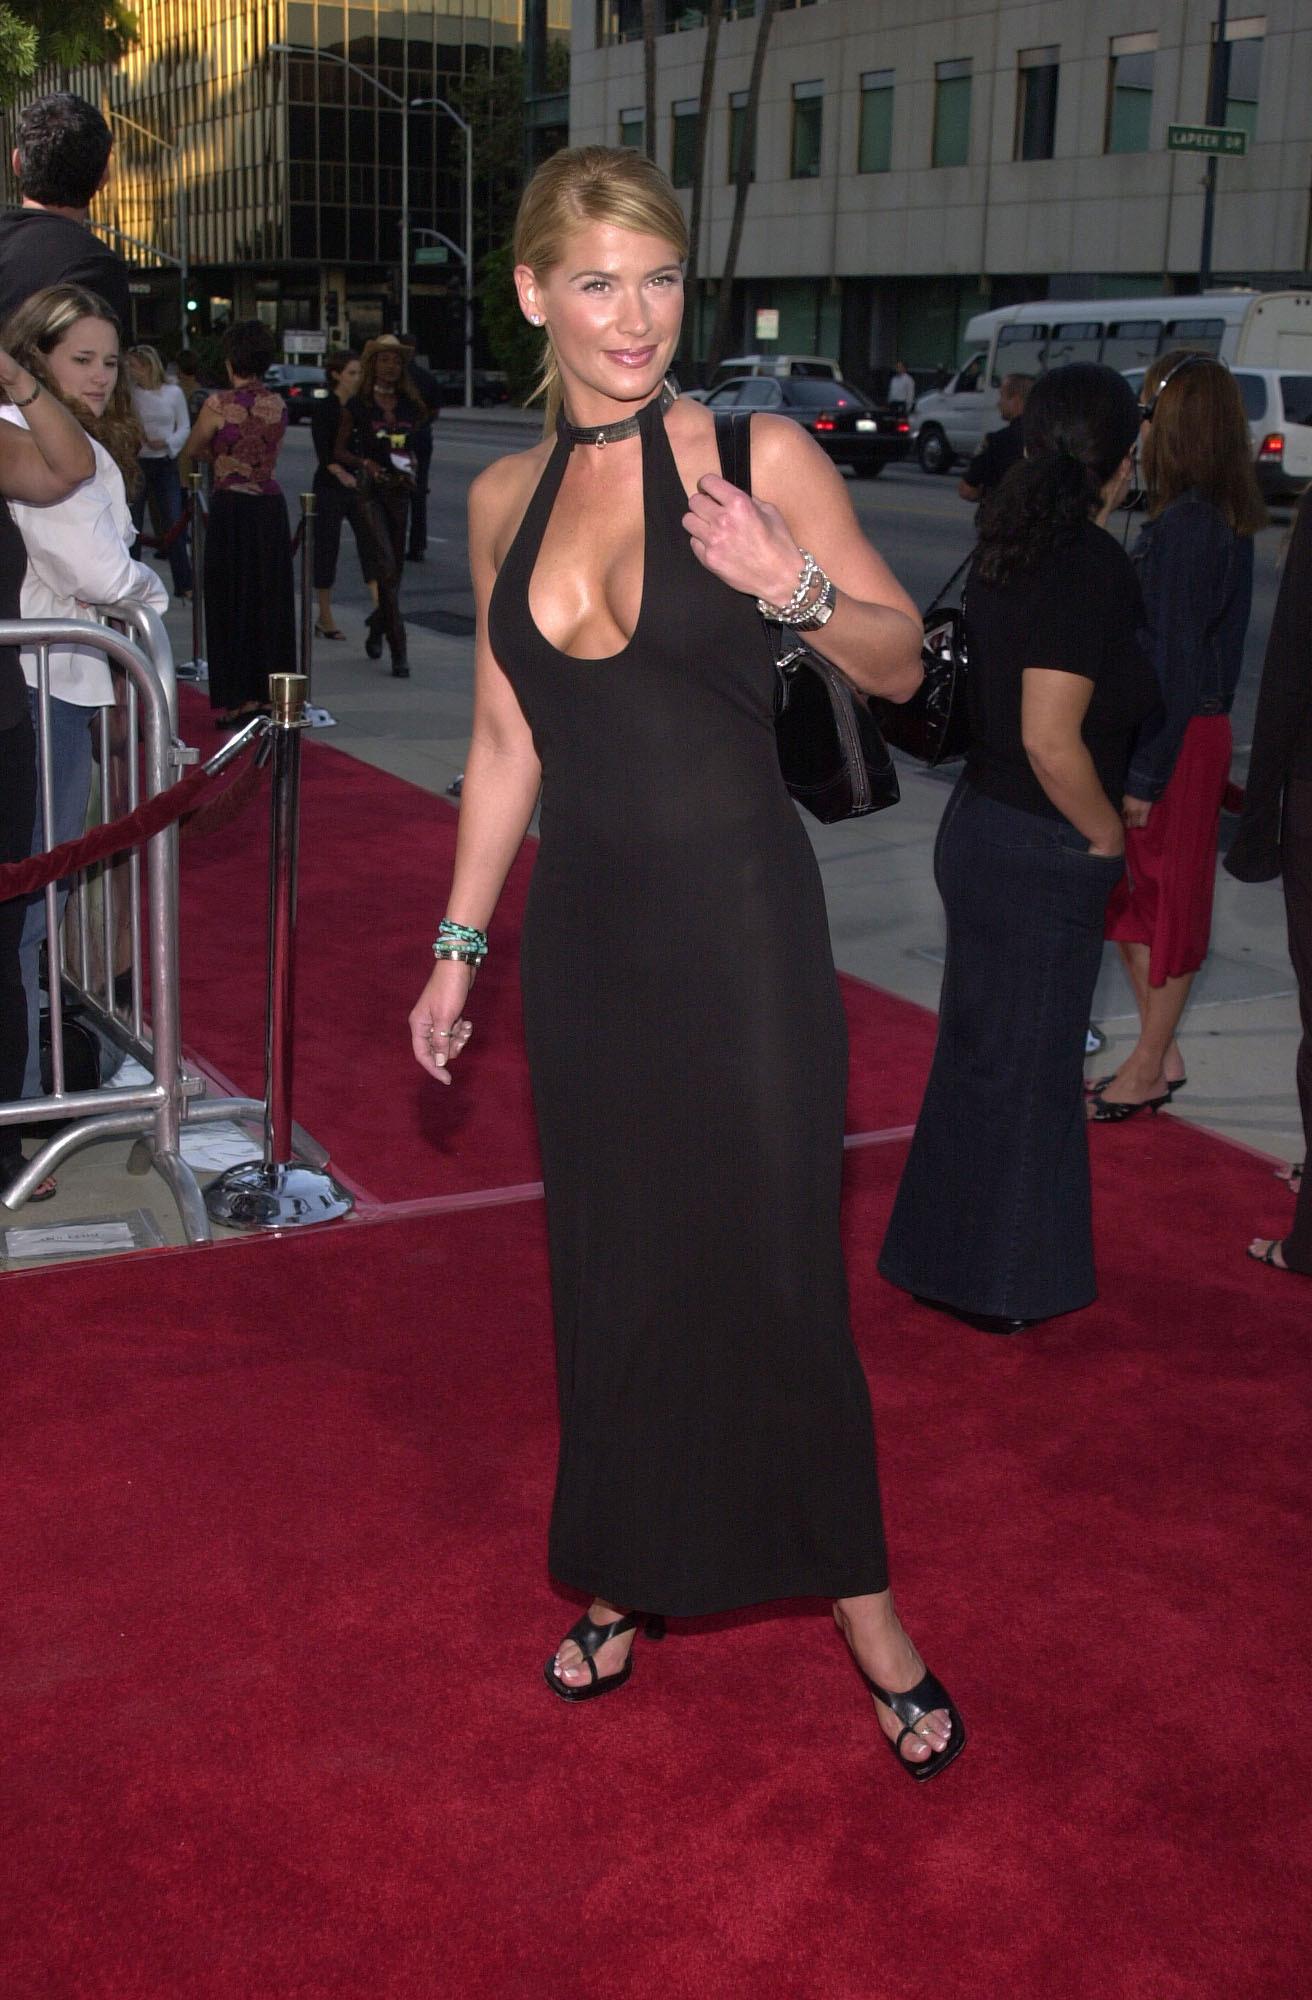 Movie Star Fashion: Weight Watchers |Kristy Swanson Weight Gain